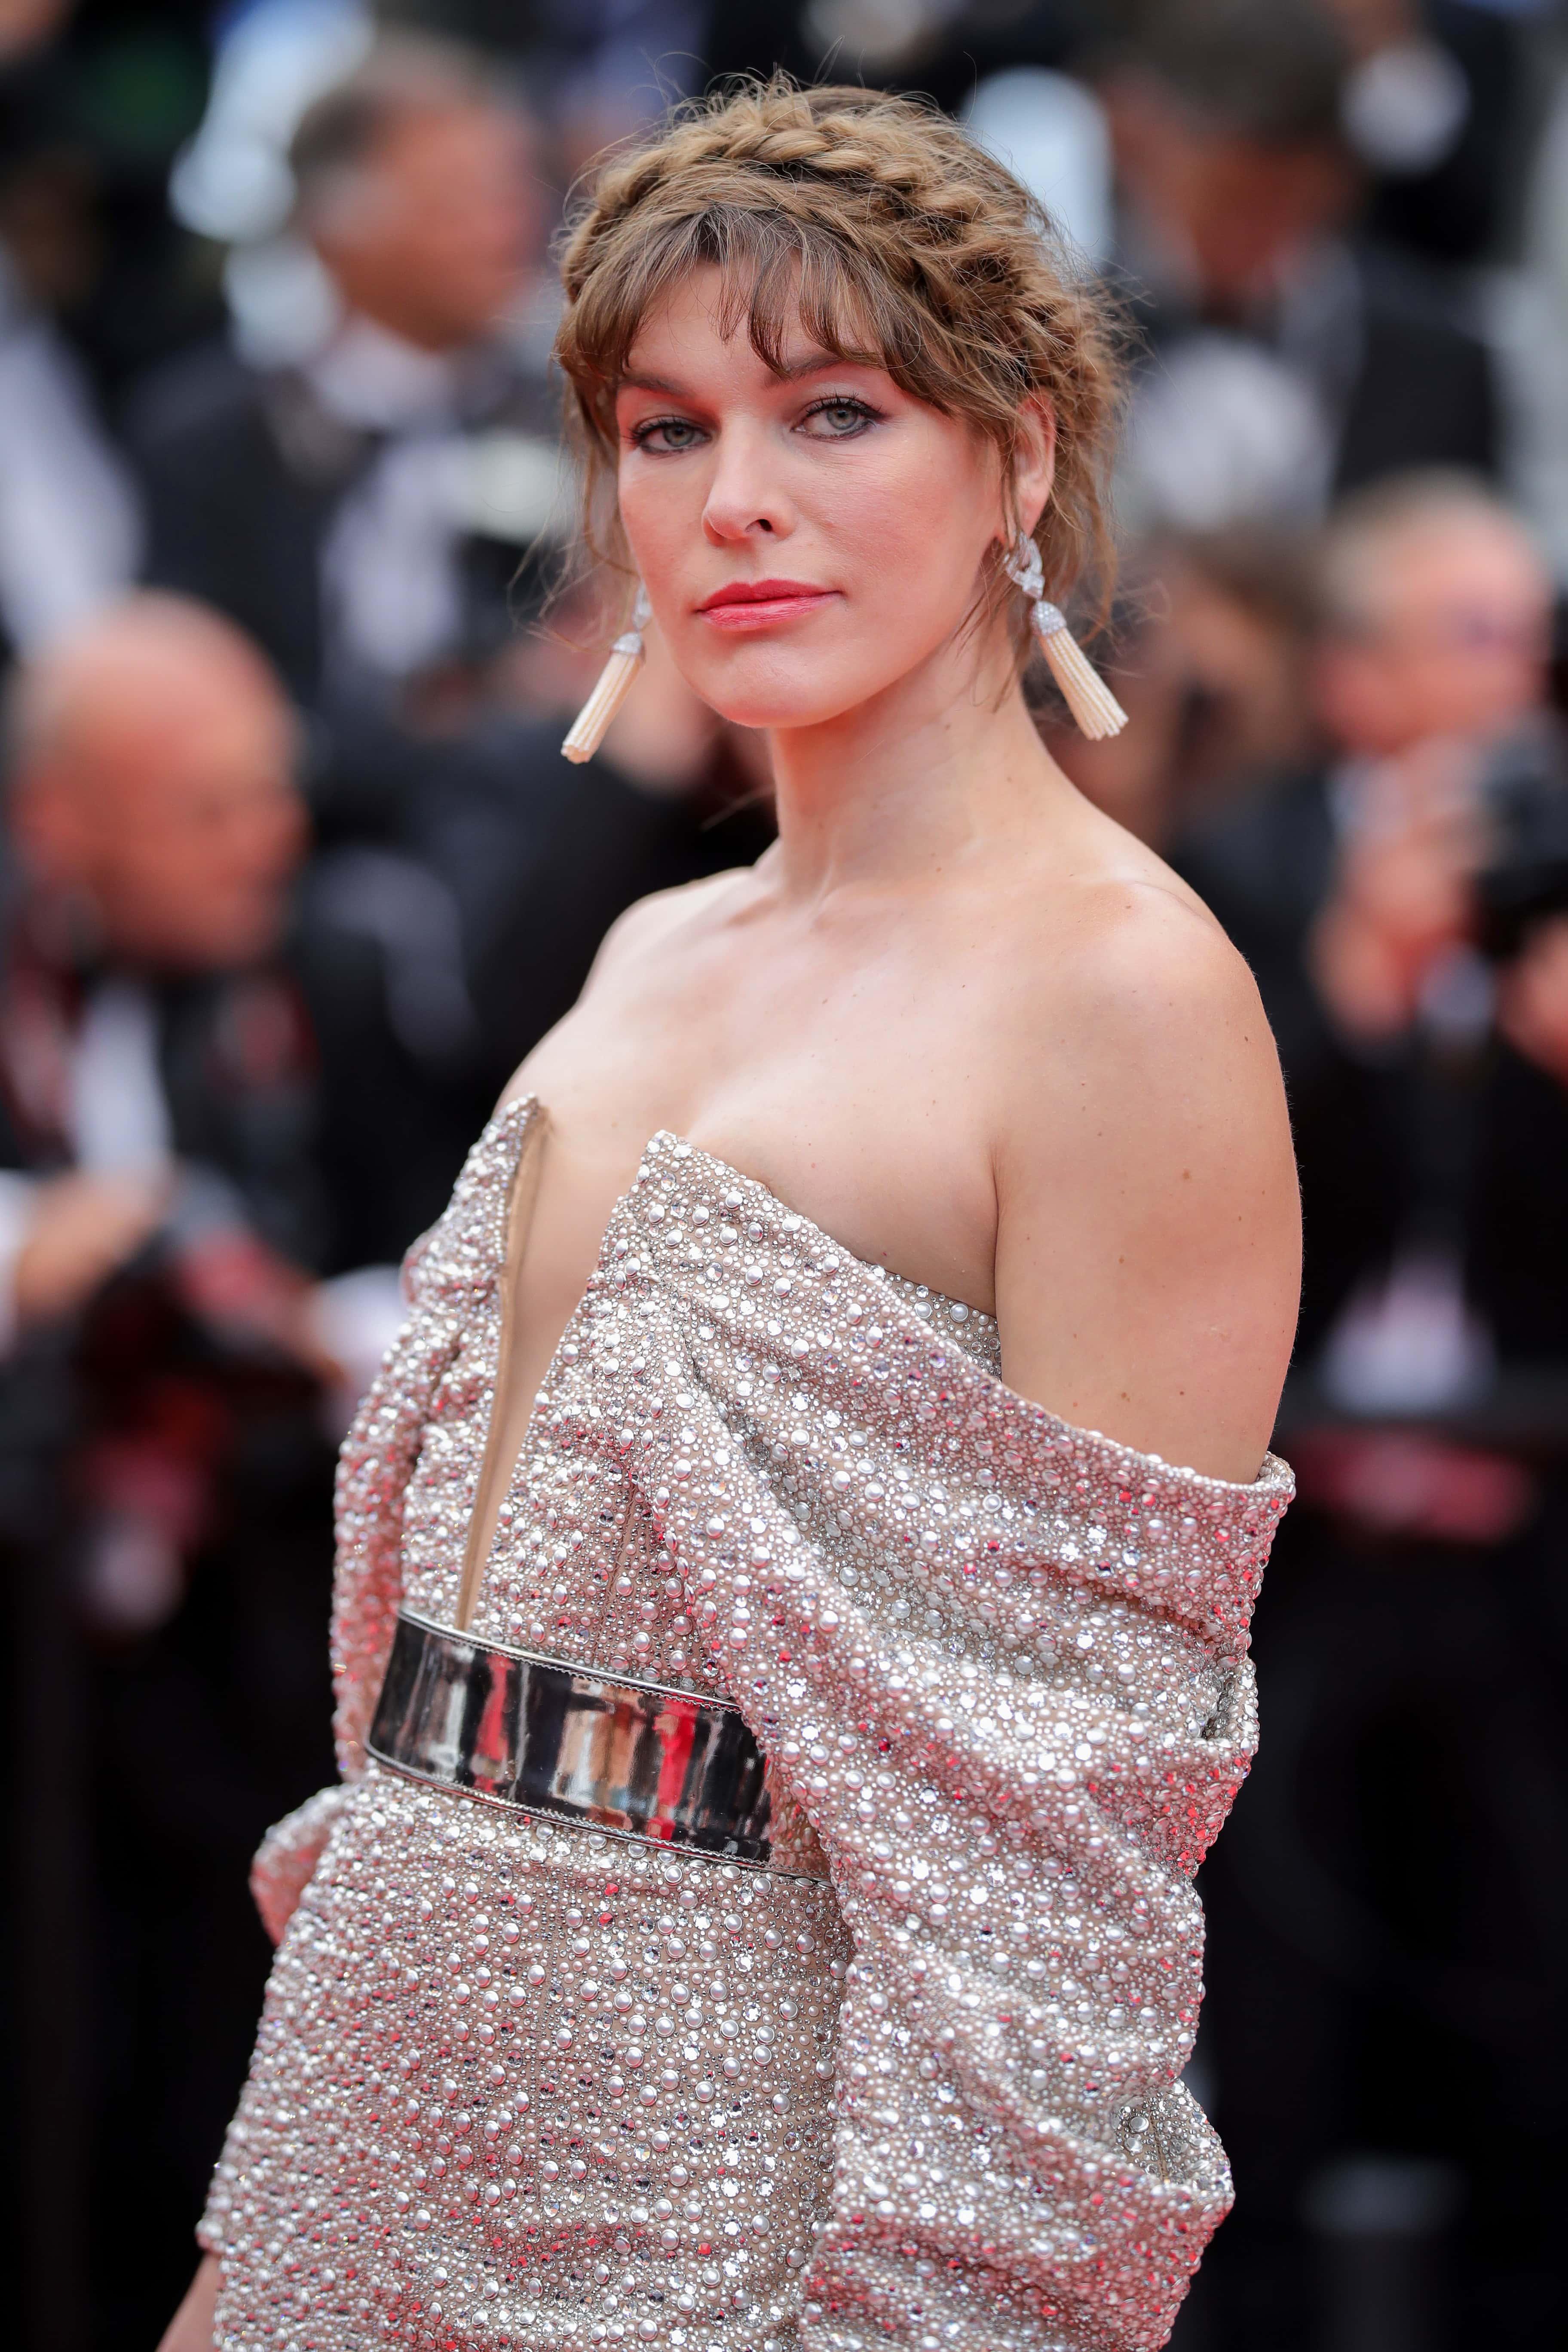 Milla Jovovich - Wikipedia